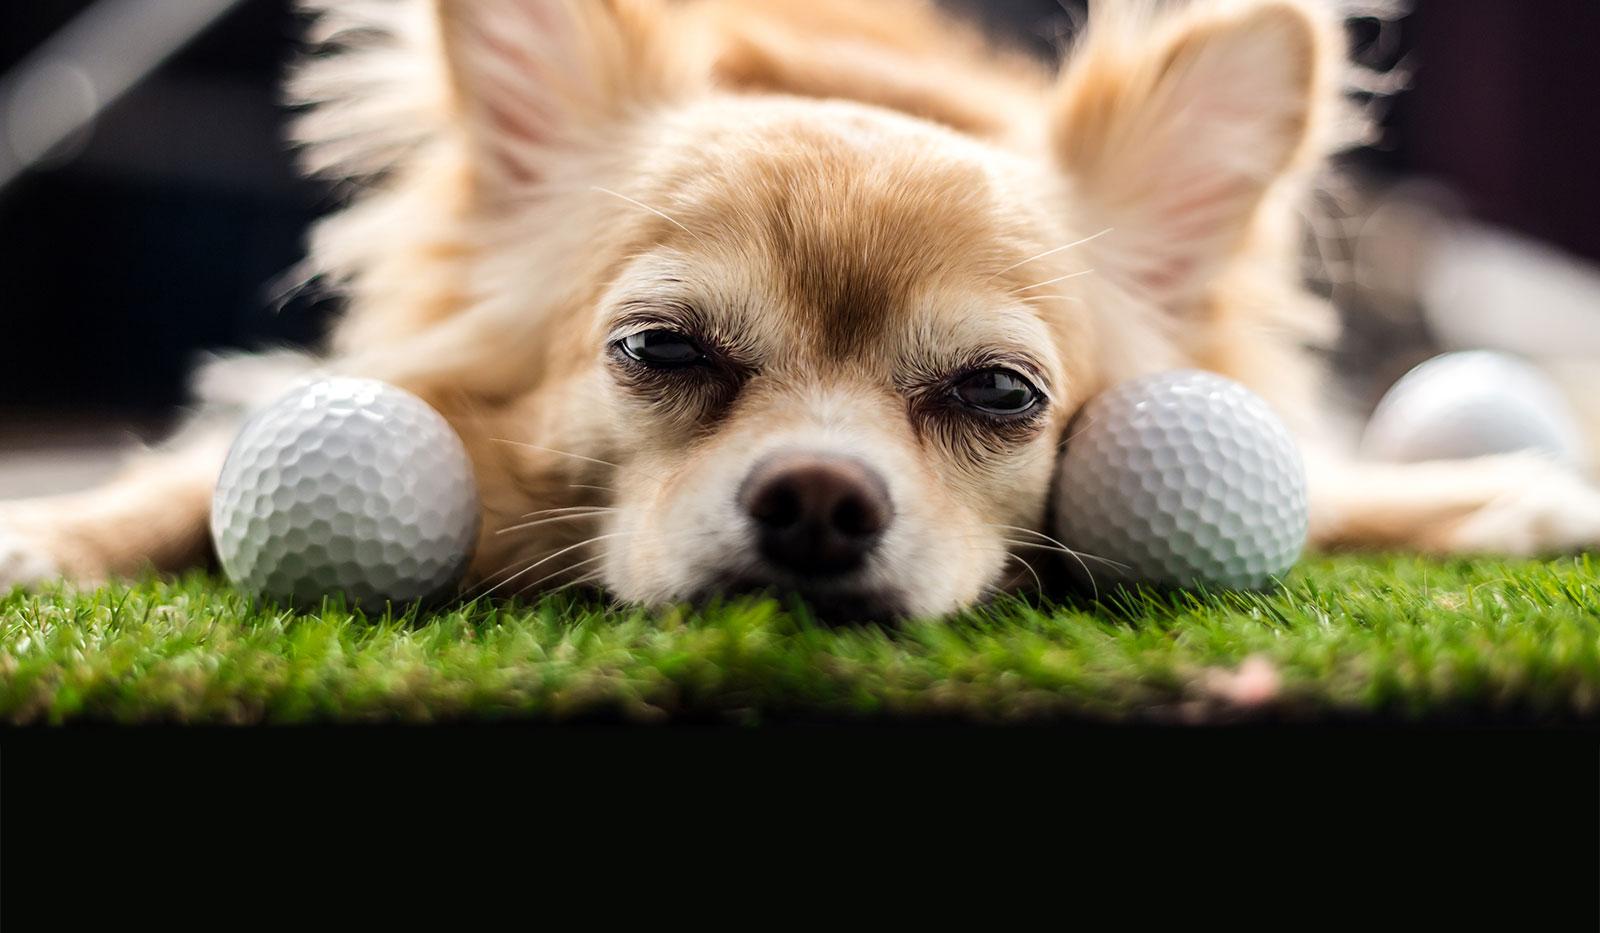 Kleiner Hund liegt mit der Schnauze nach vorne neben Golfbällen